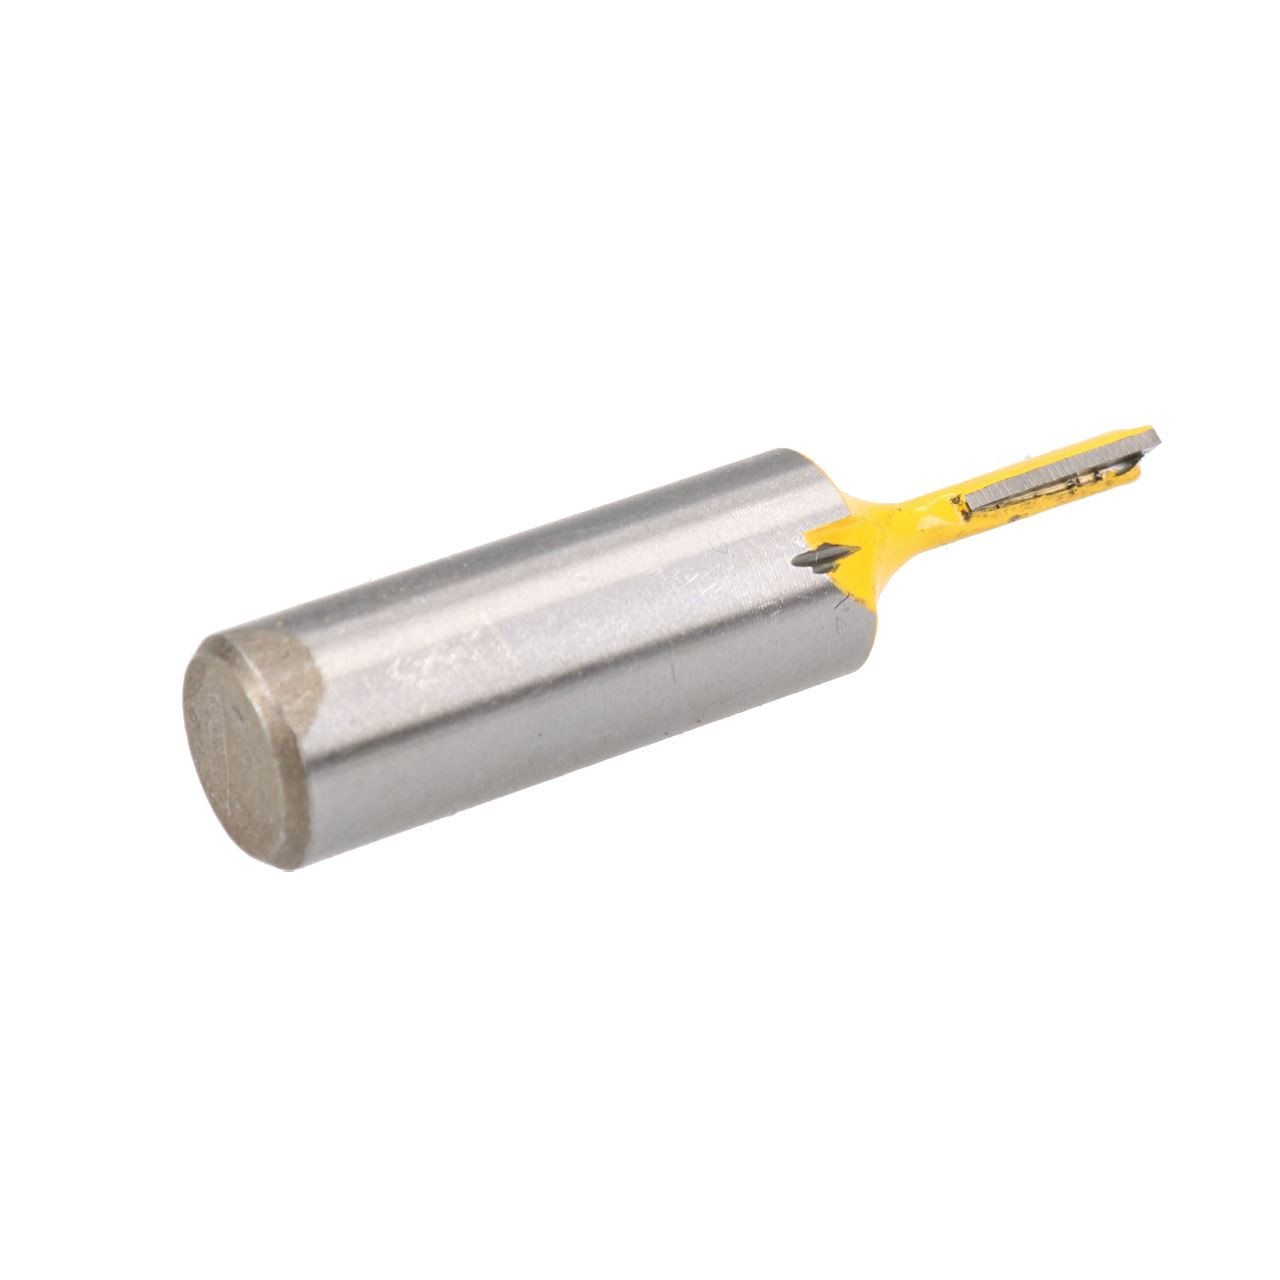 """TCT Straight Cut Router Bit 3.2mm D 12mm Depth Cutter Cutting Tool 1//2/"""" Shank"""